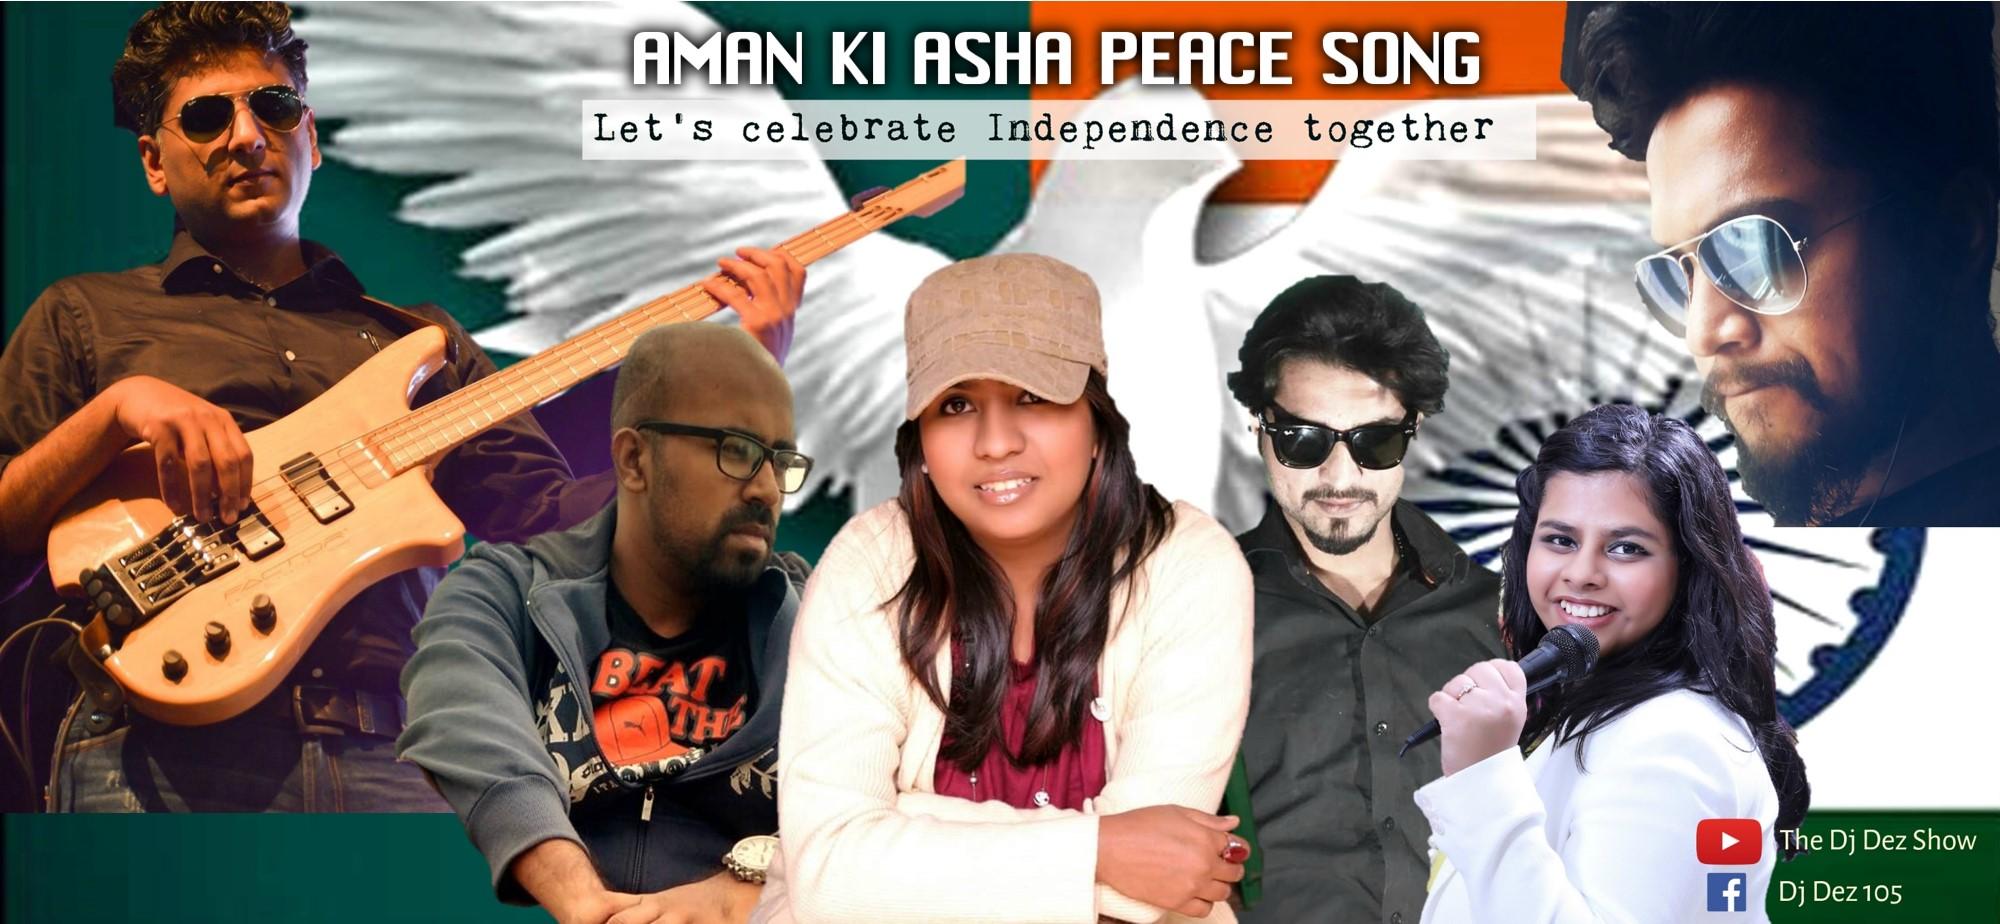 #PyarBorderPaar and a Dubai song for Aman ki Asha